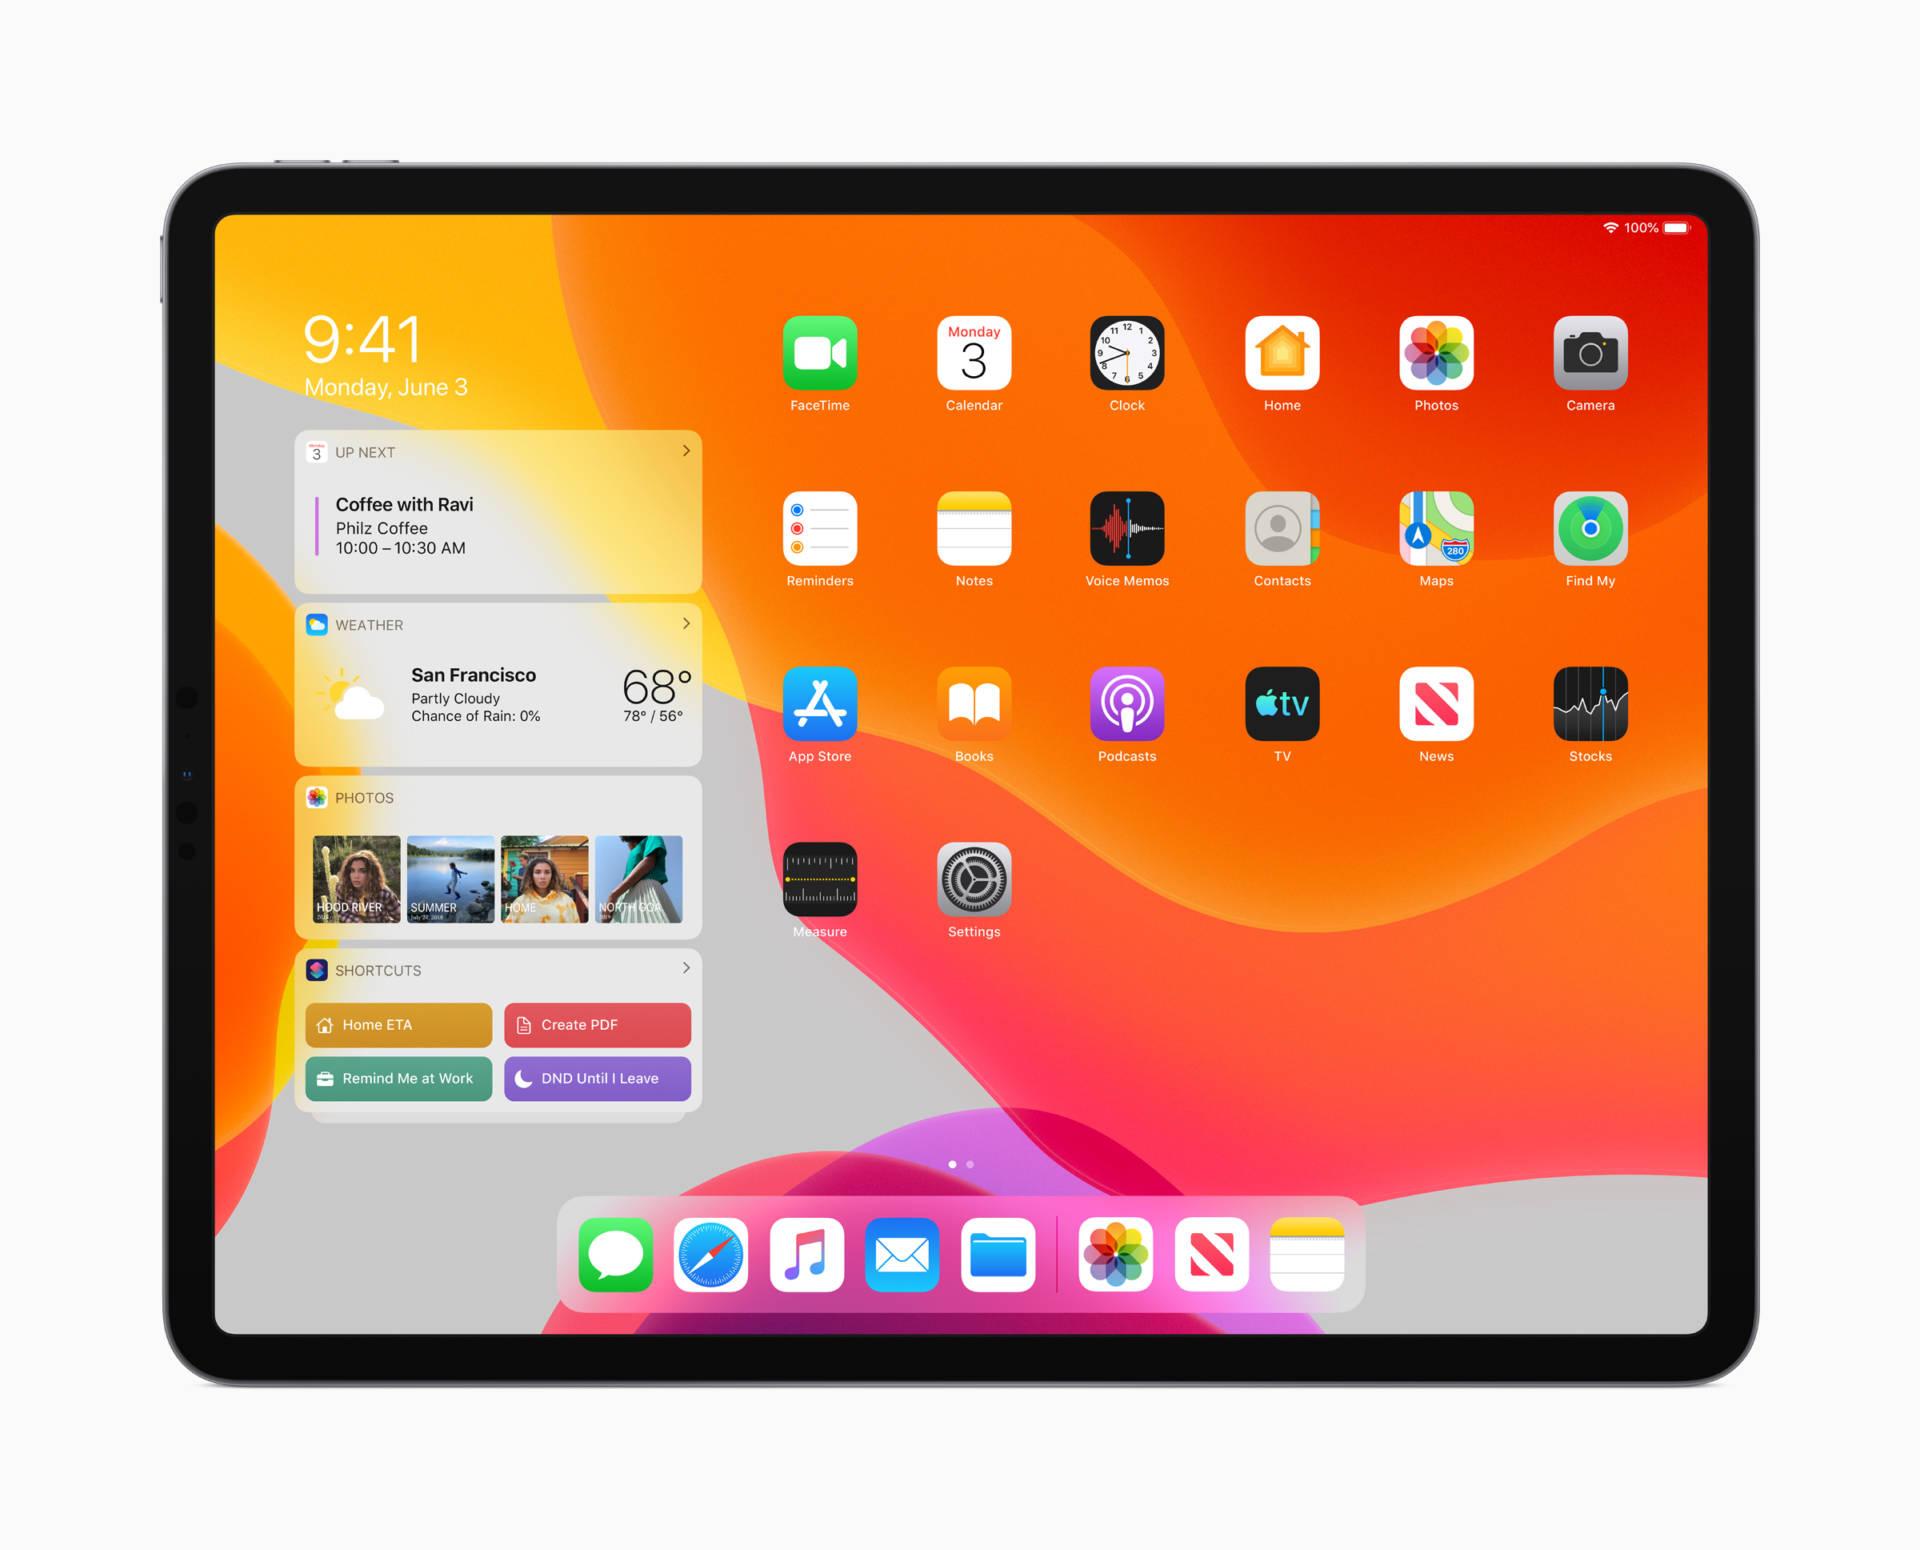 I nuovi gesti per iPad in iPadOS a 2, 3 o 4 dita